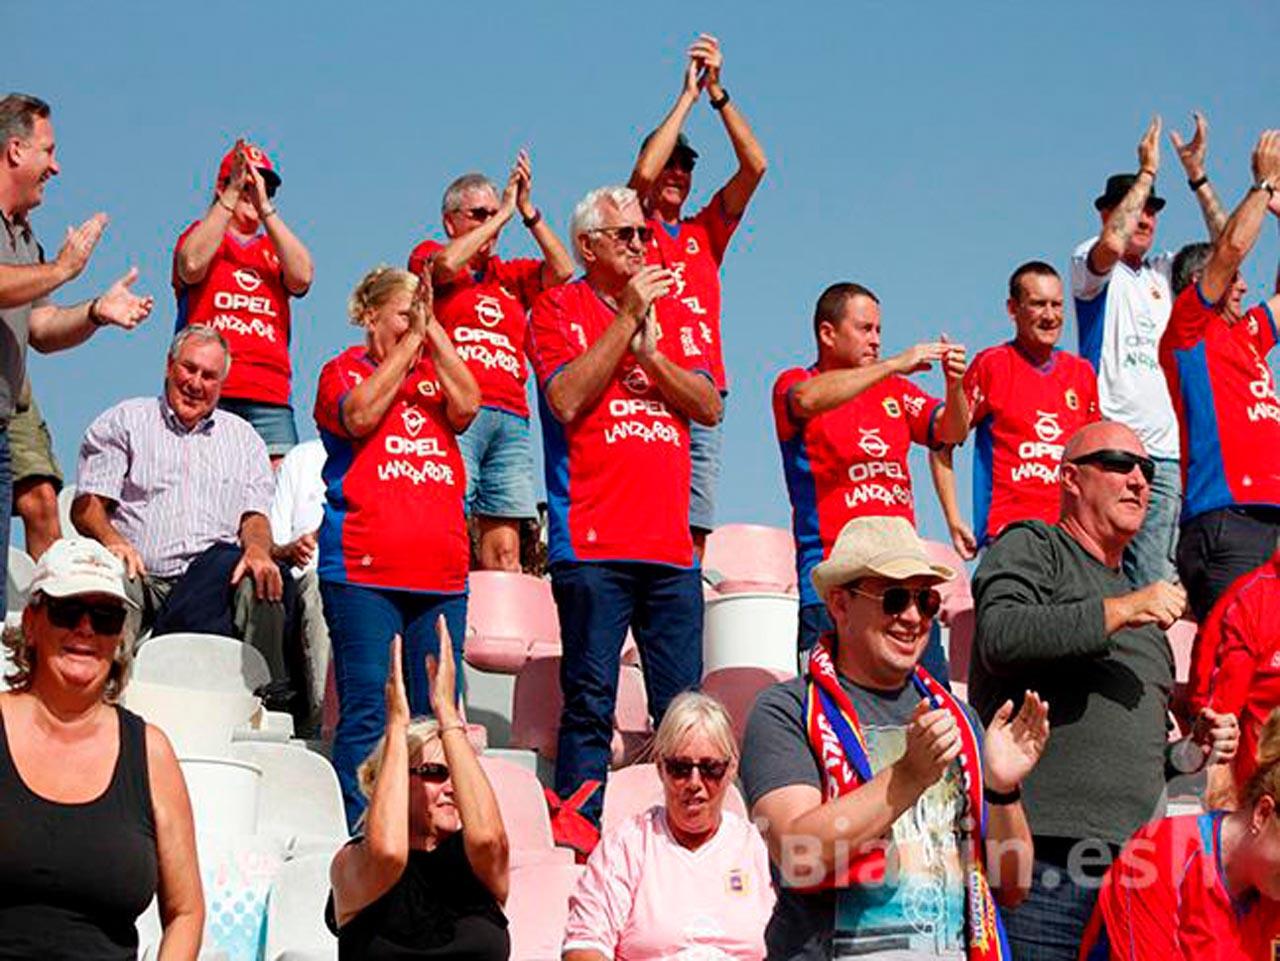 La UD Lanzarote organiza un viaje para el partido ante el Unión Puerto